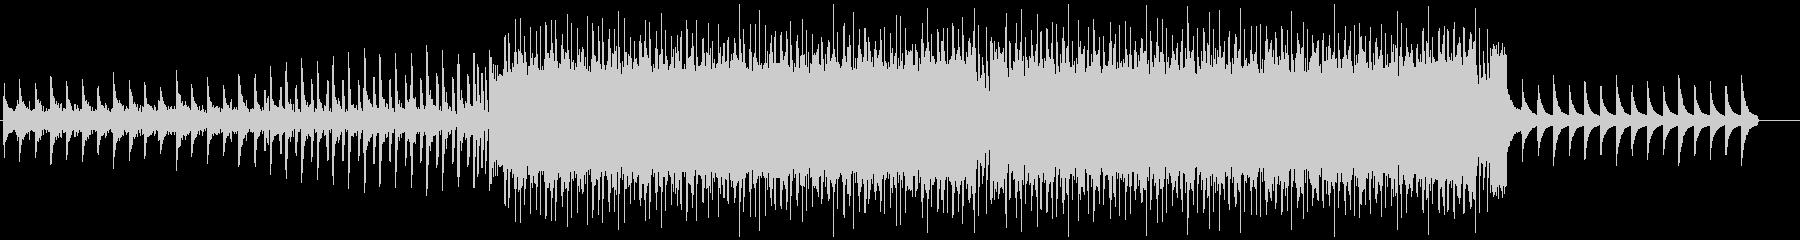 ドラムンベース風のBGMの未再生の波形